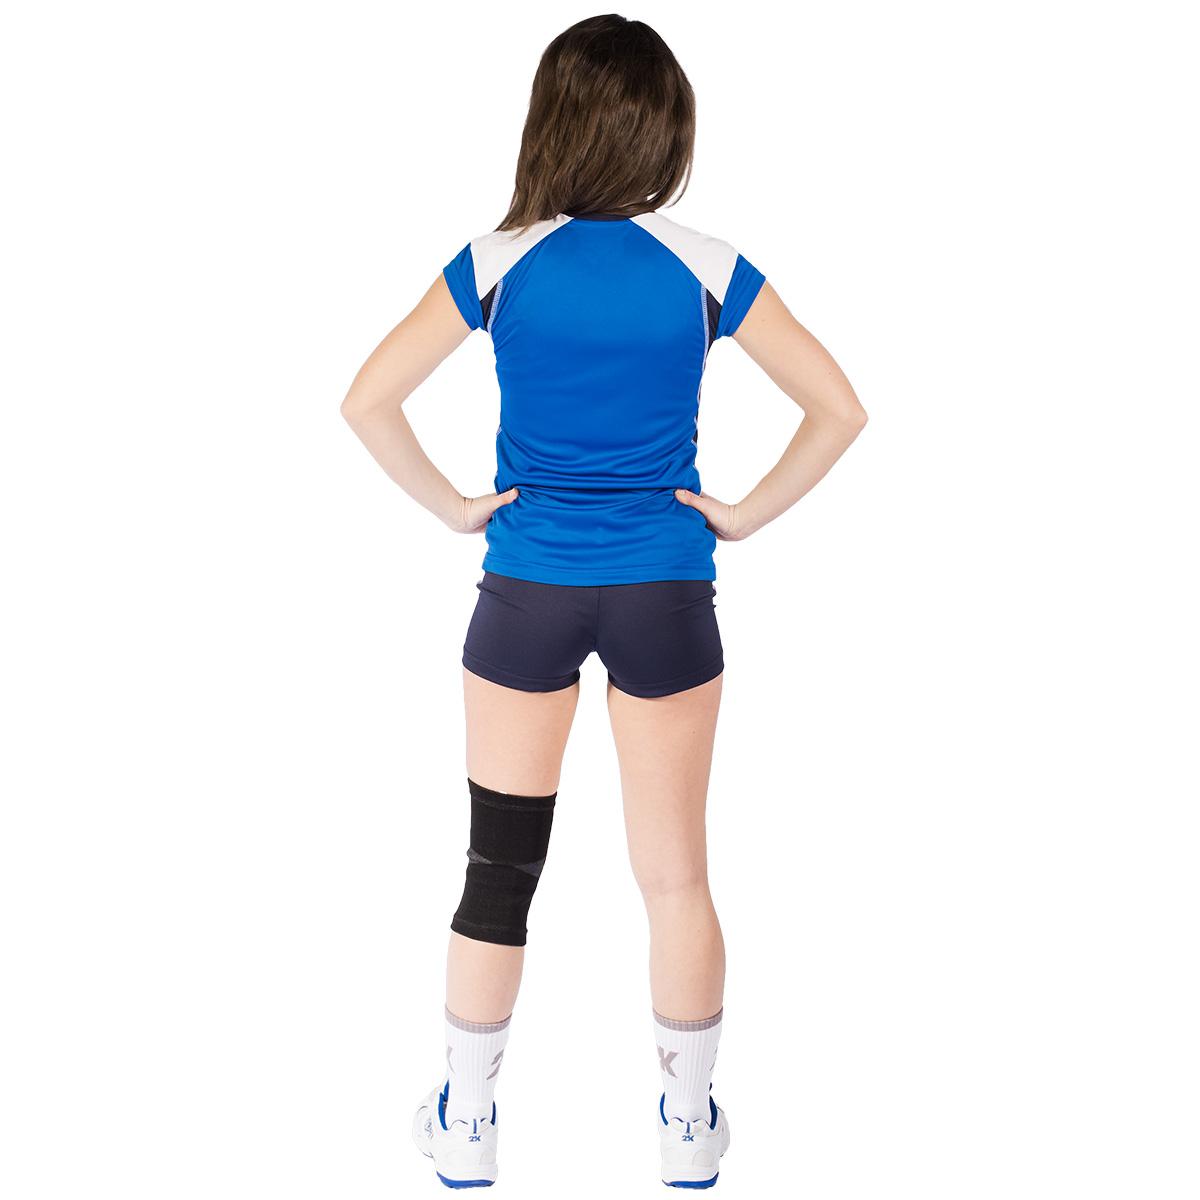 Футболка волейбольная женская 2K Sport Energy, цвет:  синий, темно-синий, белый.  140042.  Размер L (46/48) 2K Sport